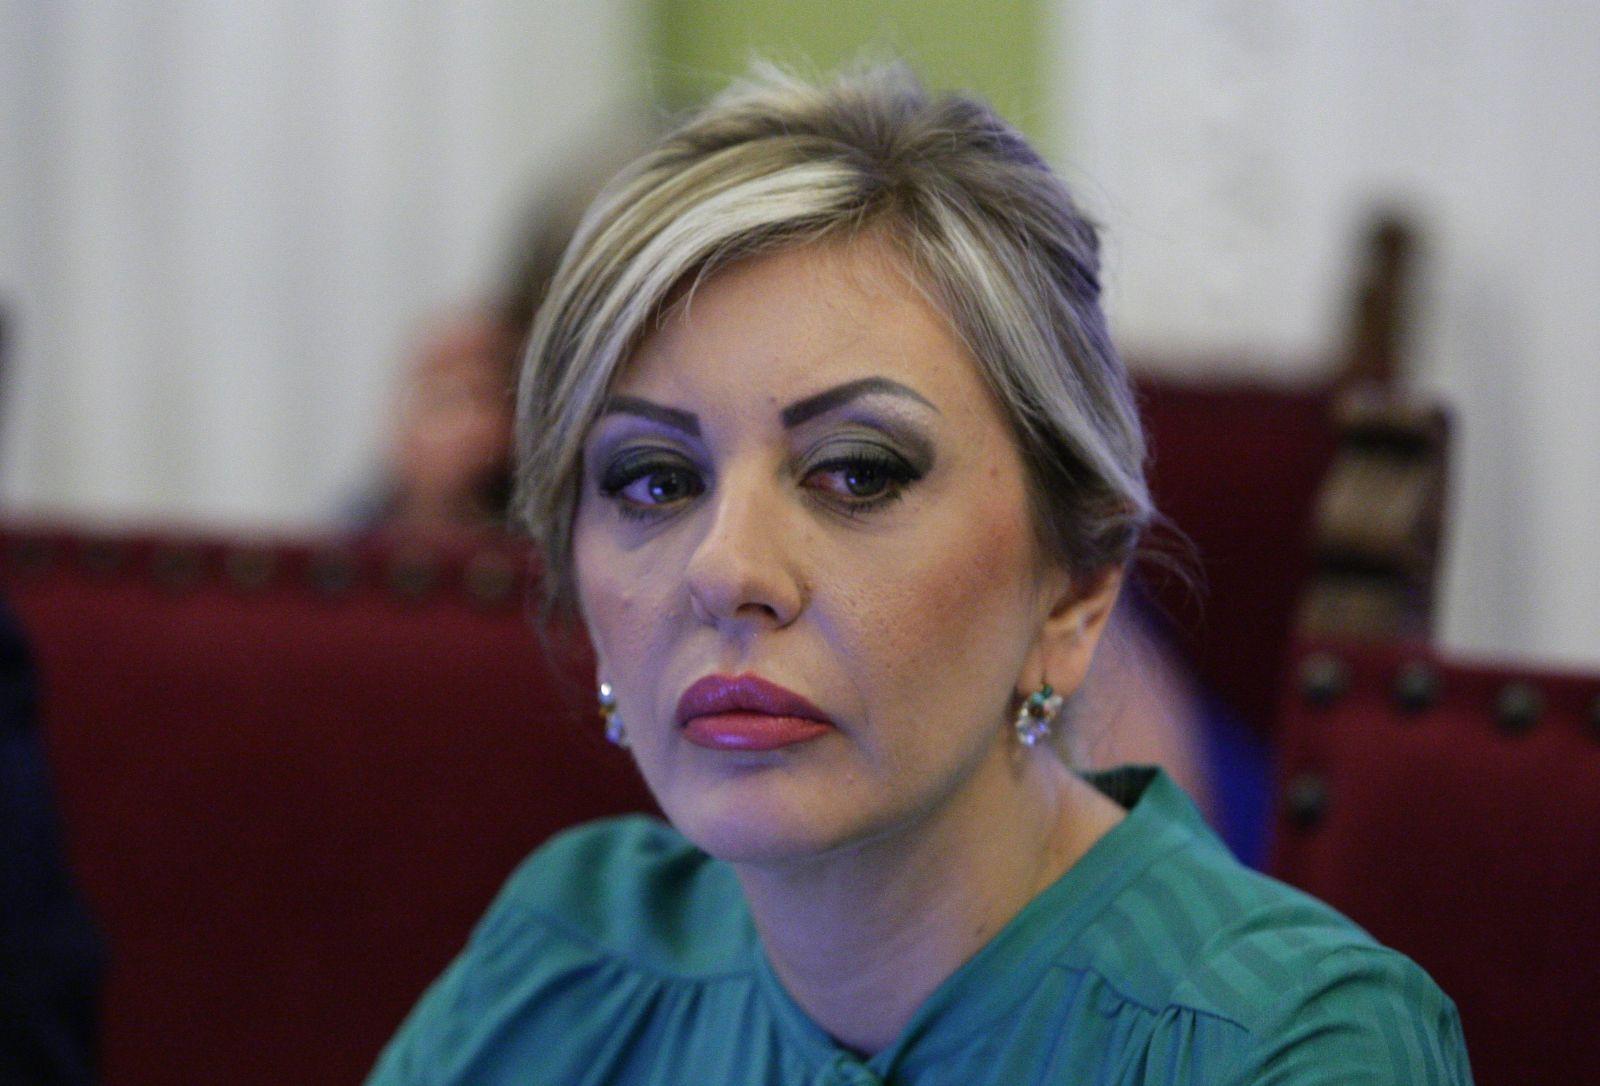 Ј. Јоксимовић: Бриселски споразум предвиђа свеобухватну нормализацију, а не признање